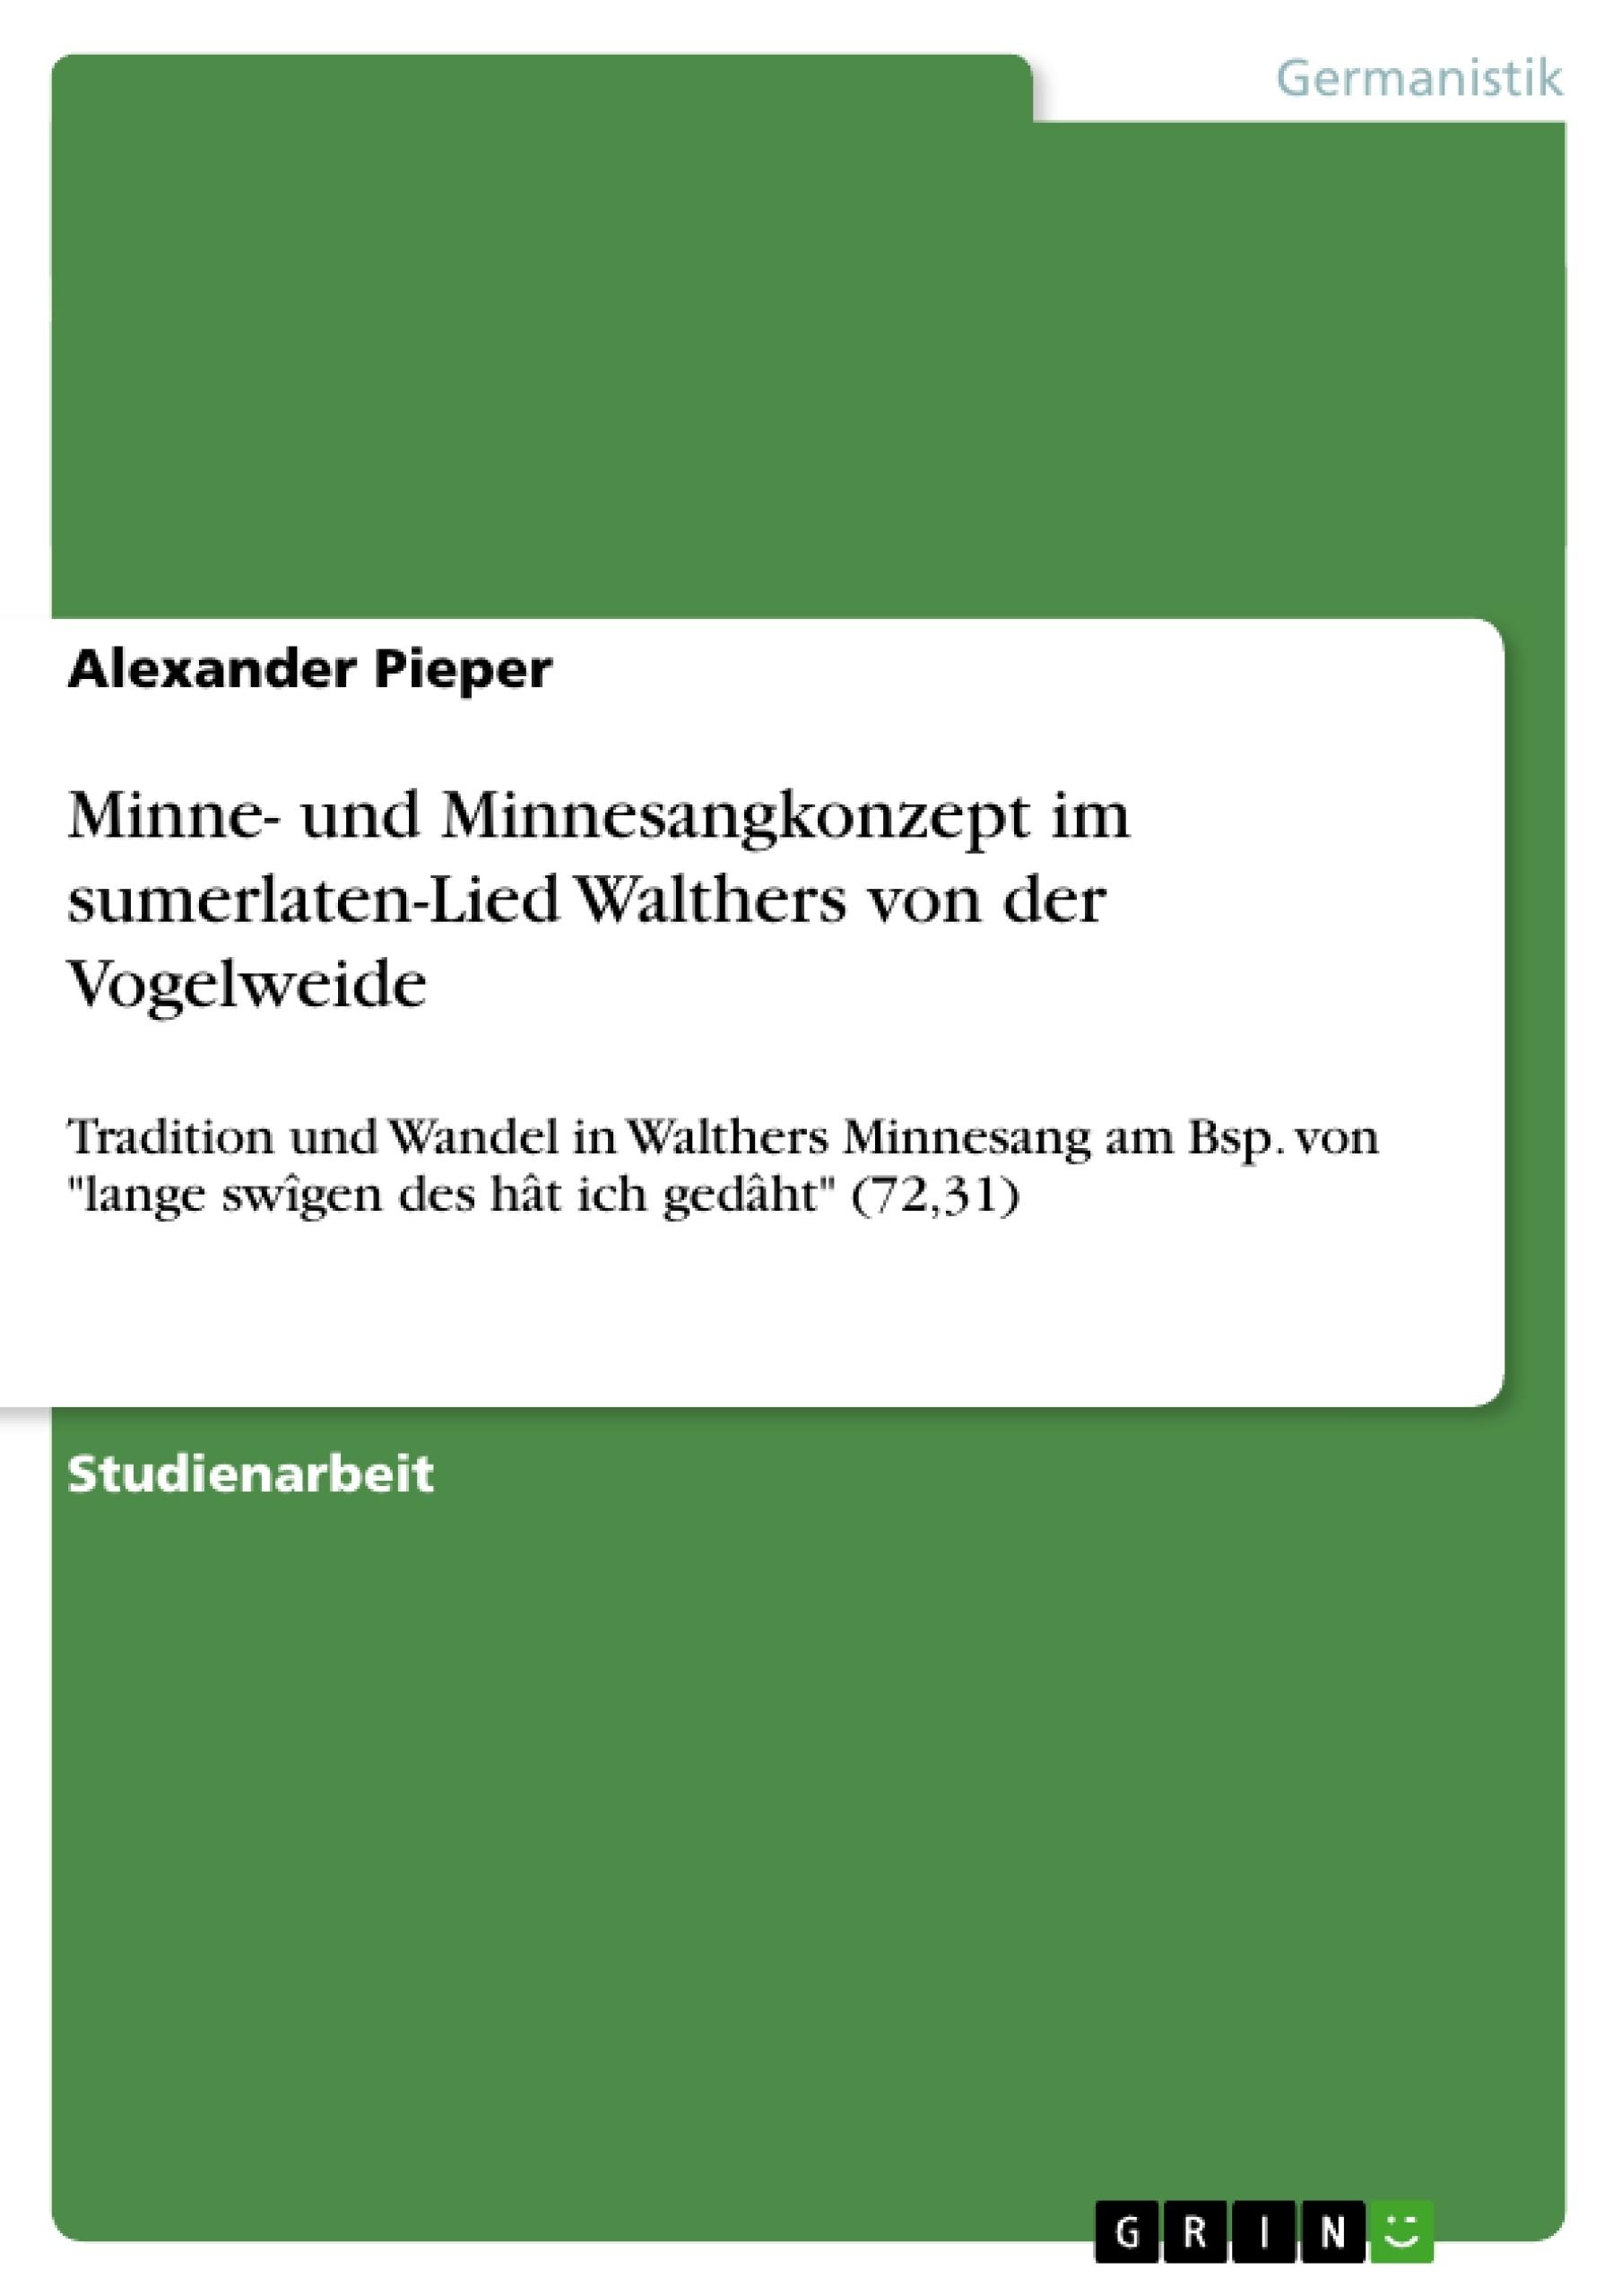 Titel: Minne- und Minnesangkonzept im sumerlaten-Lied Walthers von der Vogelweide